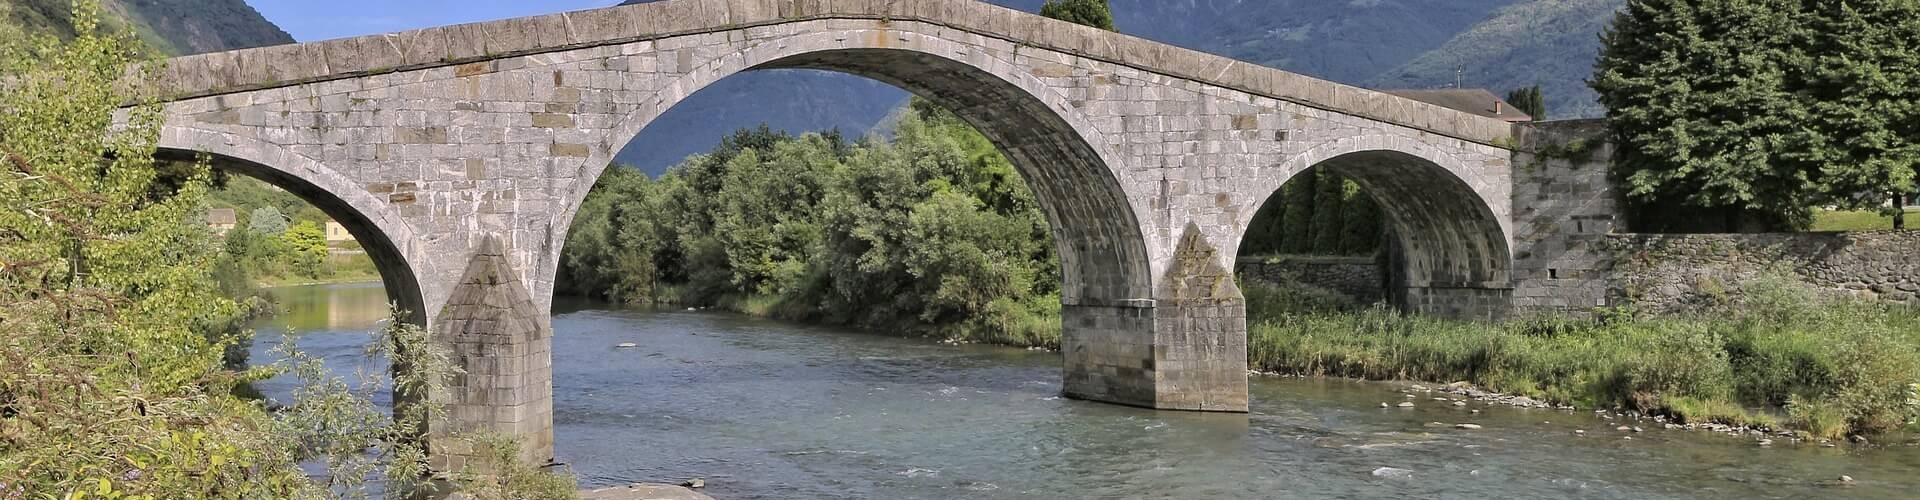 Ponte di Ganda a Morbegno